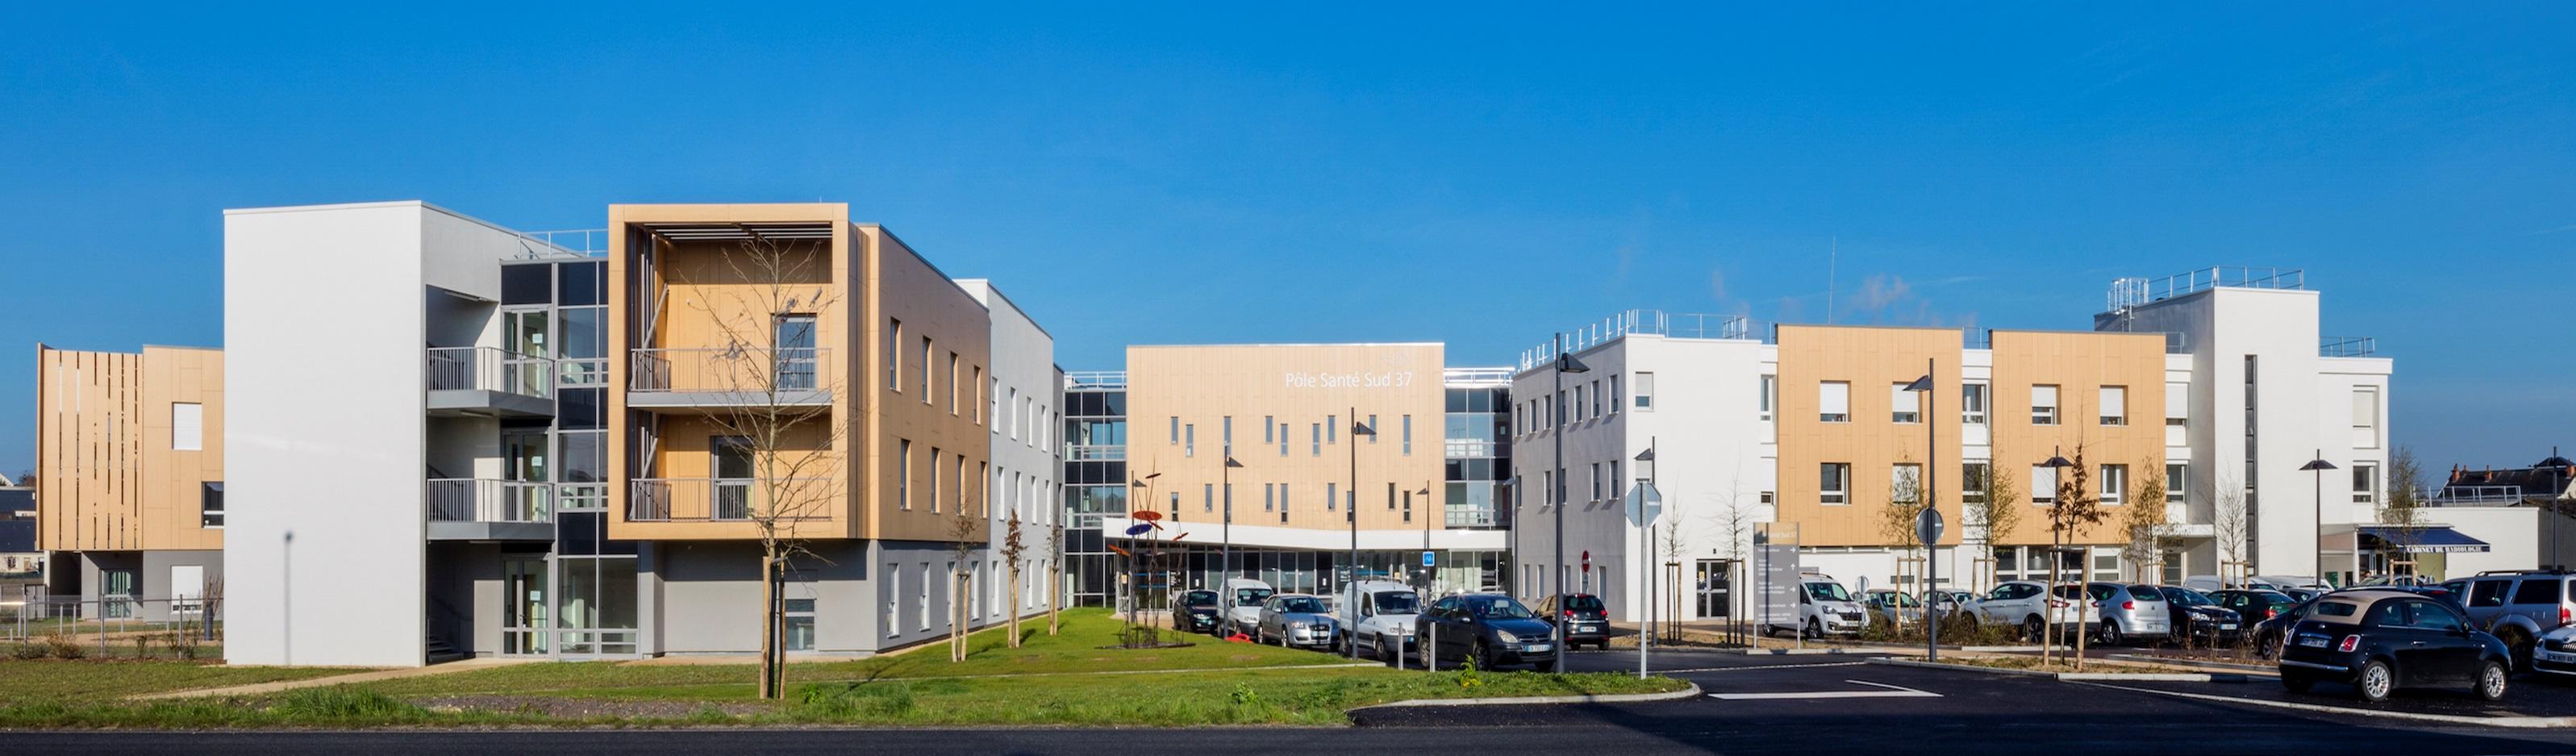 Photo de Centre Hospitalier Pôle Santé Sud 37